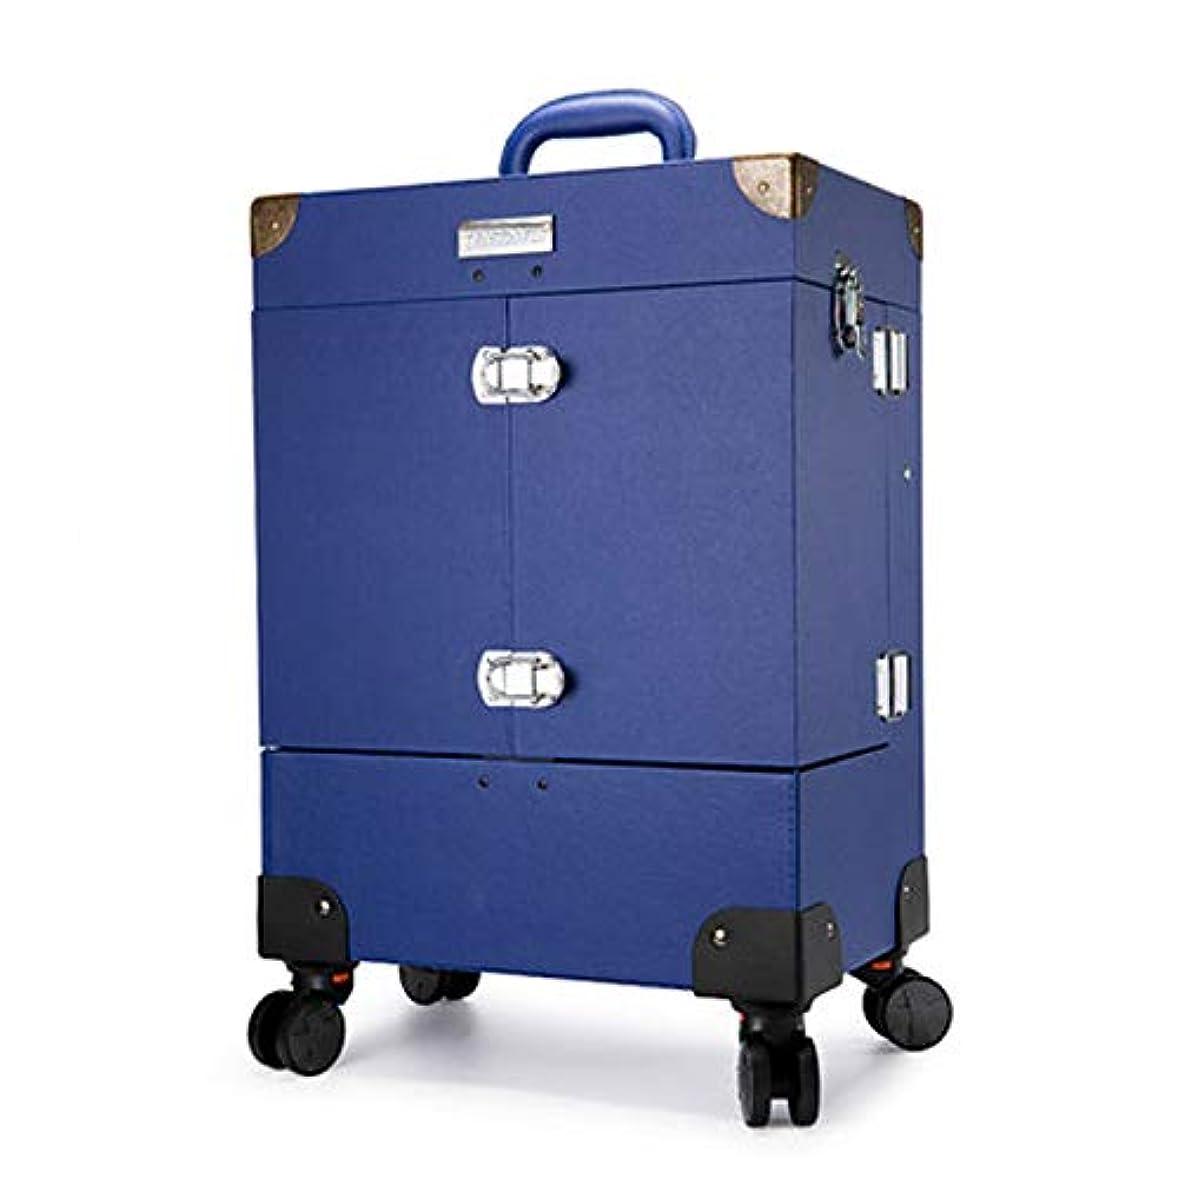 風が強いパス降雨プロ専用 ネイリスト クローゼット スーツケース ネイル収納 メイクボックス キャリーバッグ ヘアメイク ネイル 大容量 軽量 高品質 多機能 プロ I-JL-3505T-BL